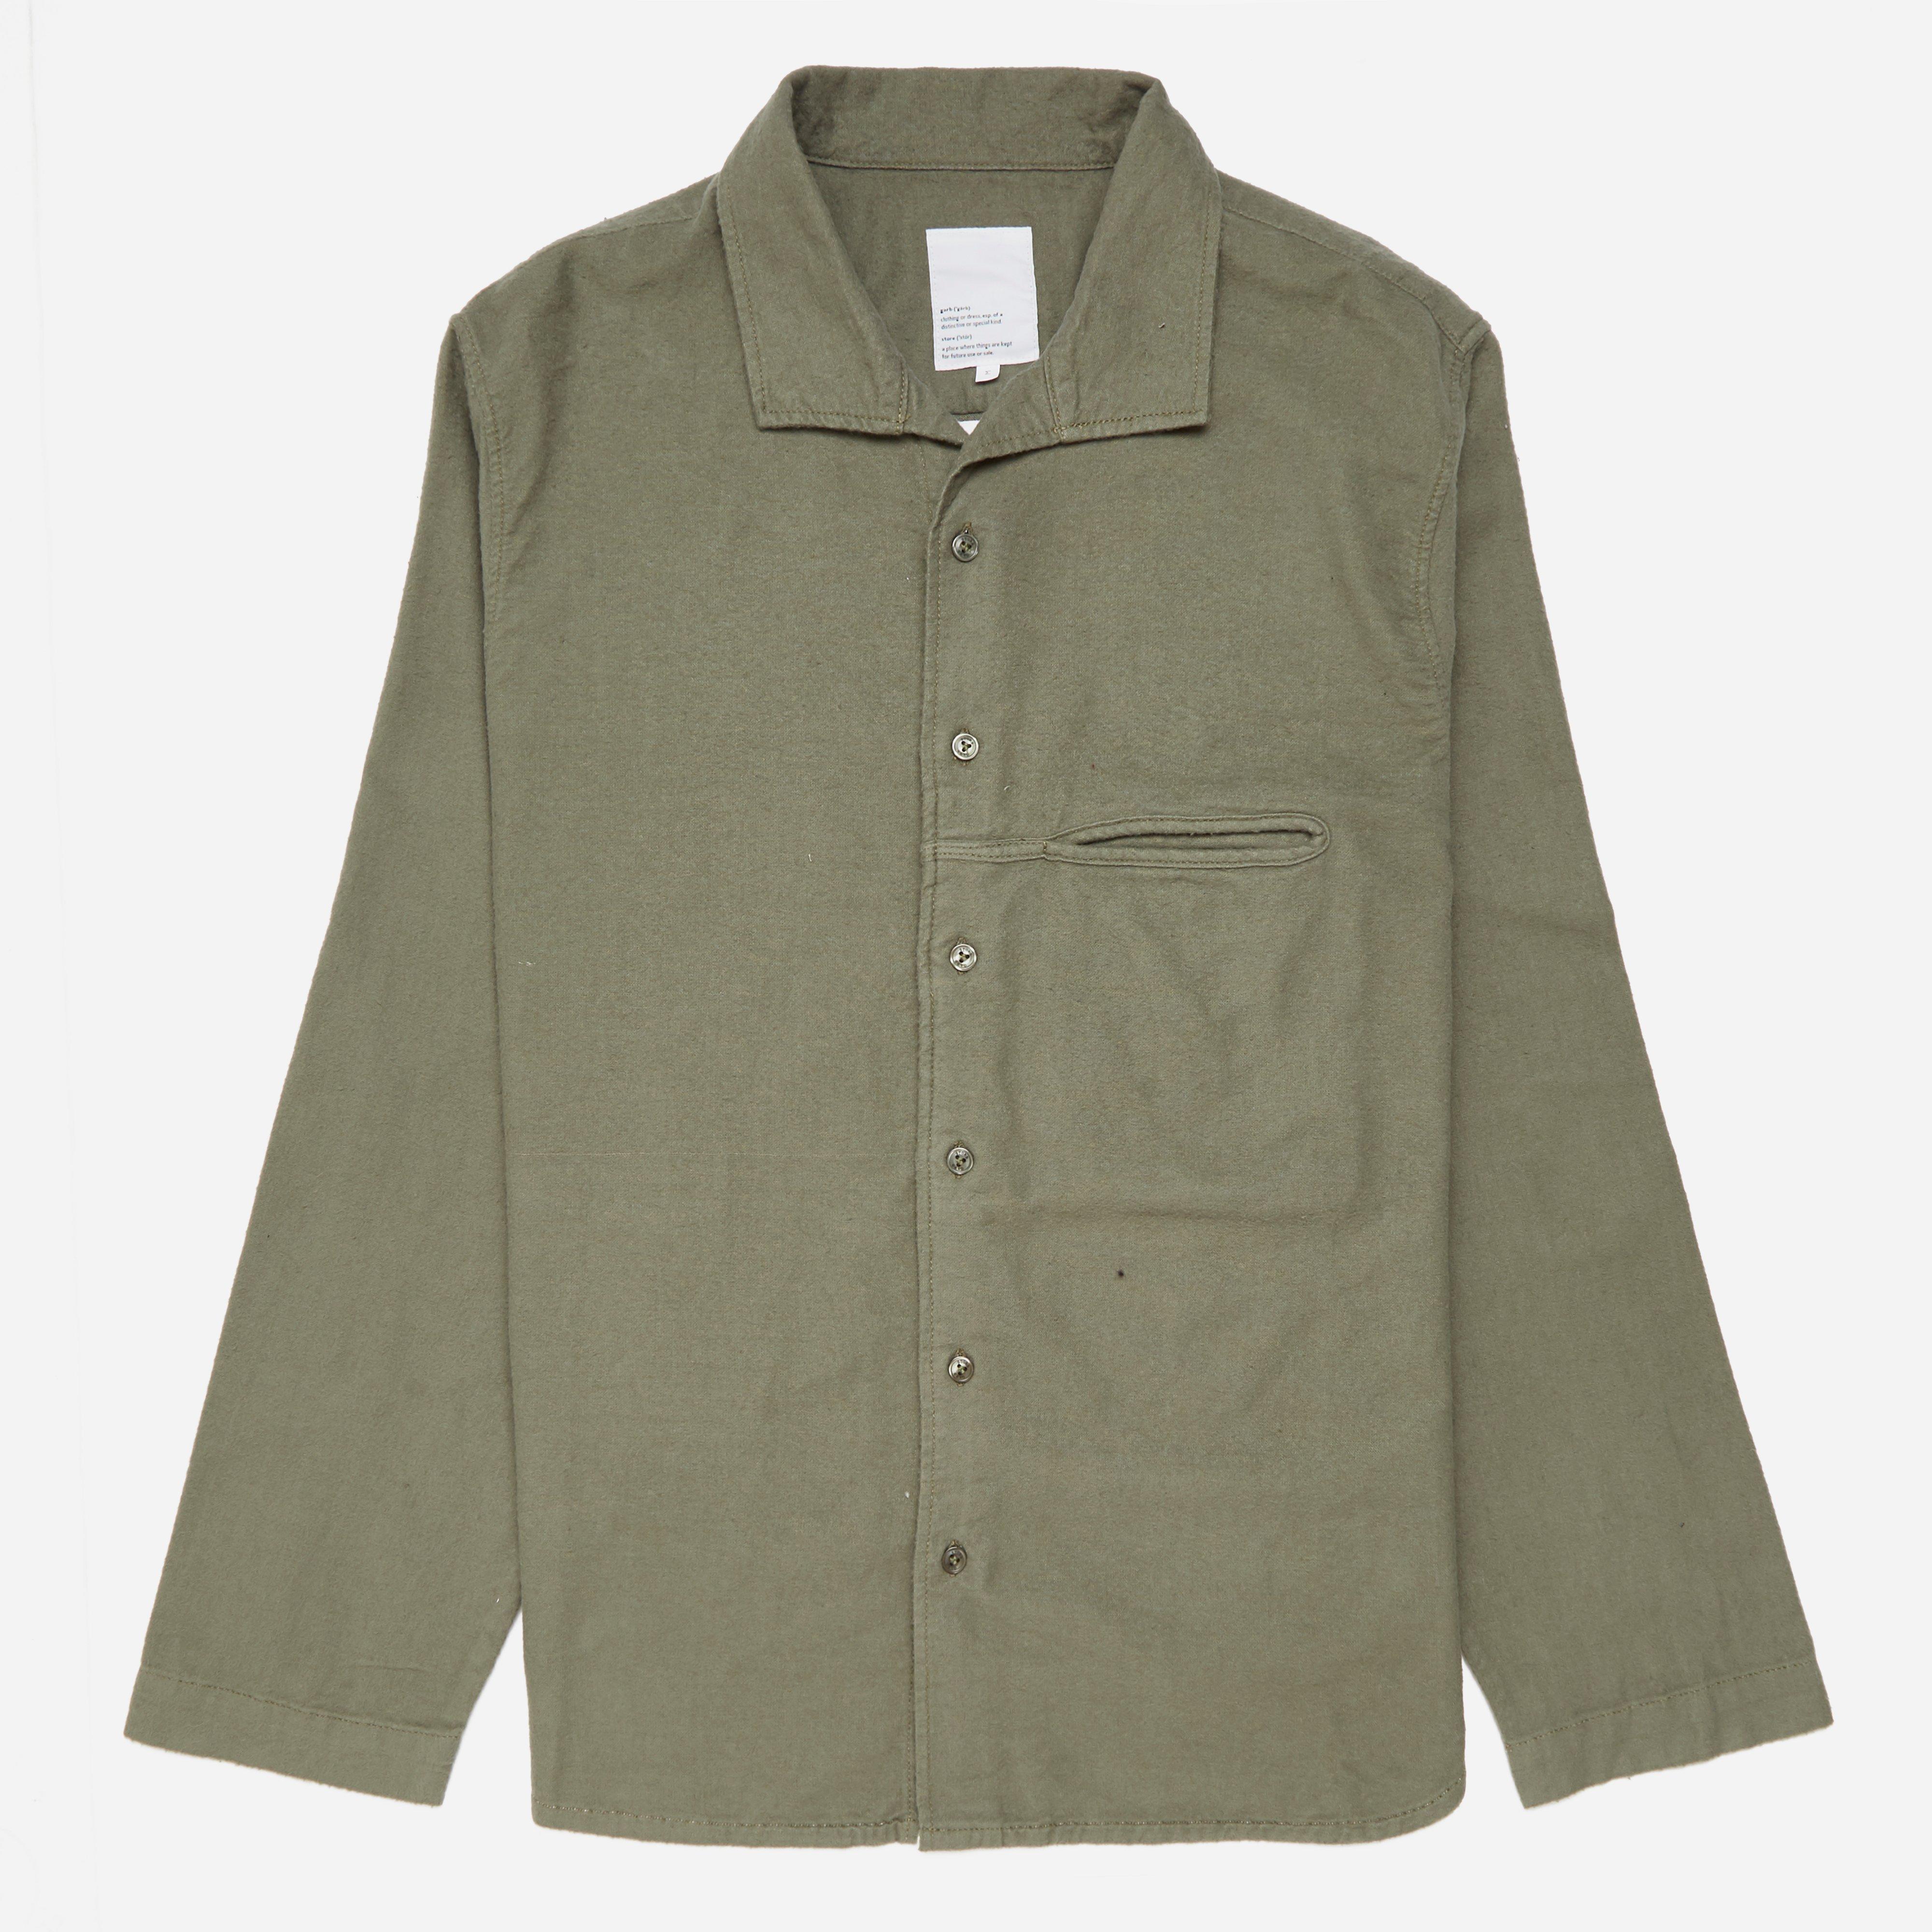 Garbstore Long Sleeve Slacker Shirt